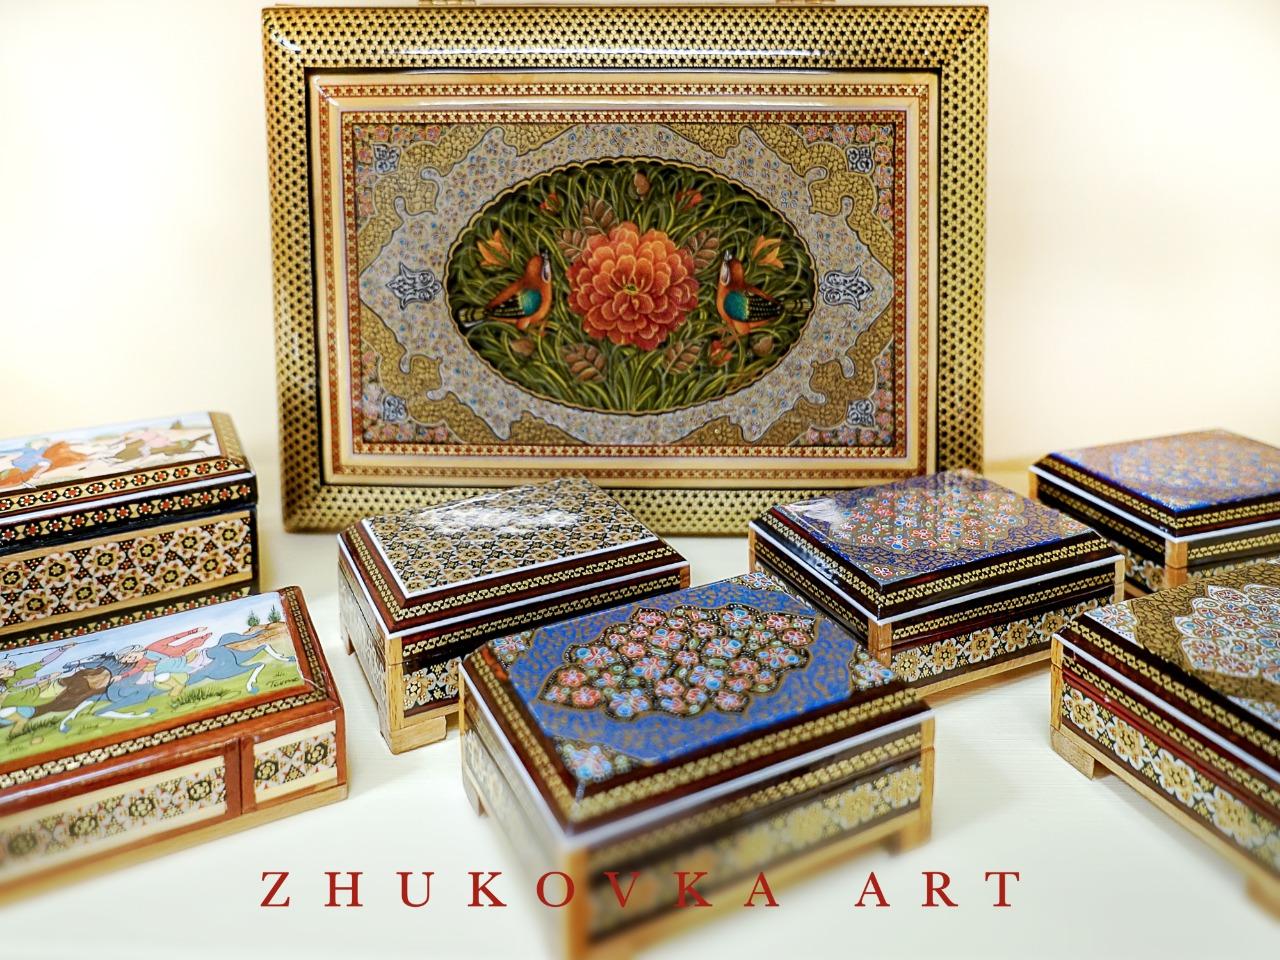 шкатулки-жуковка-арт-иран-исфахан